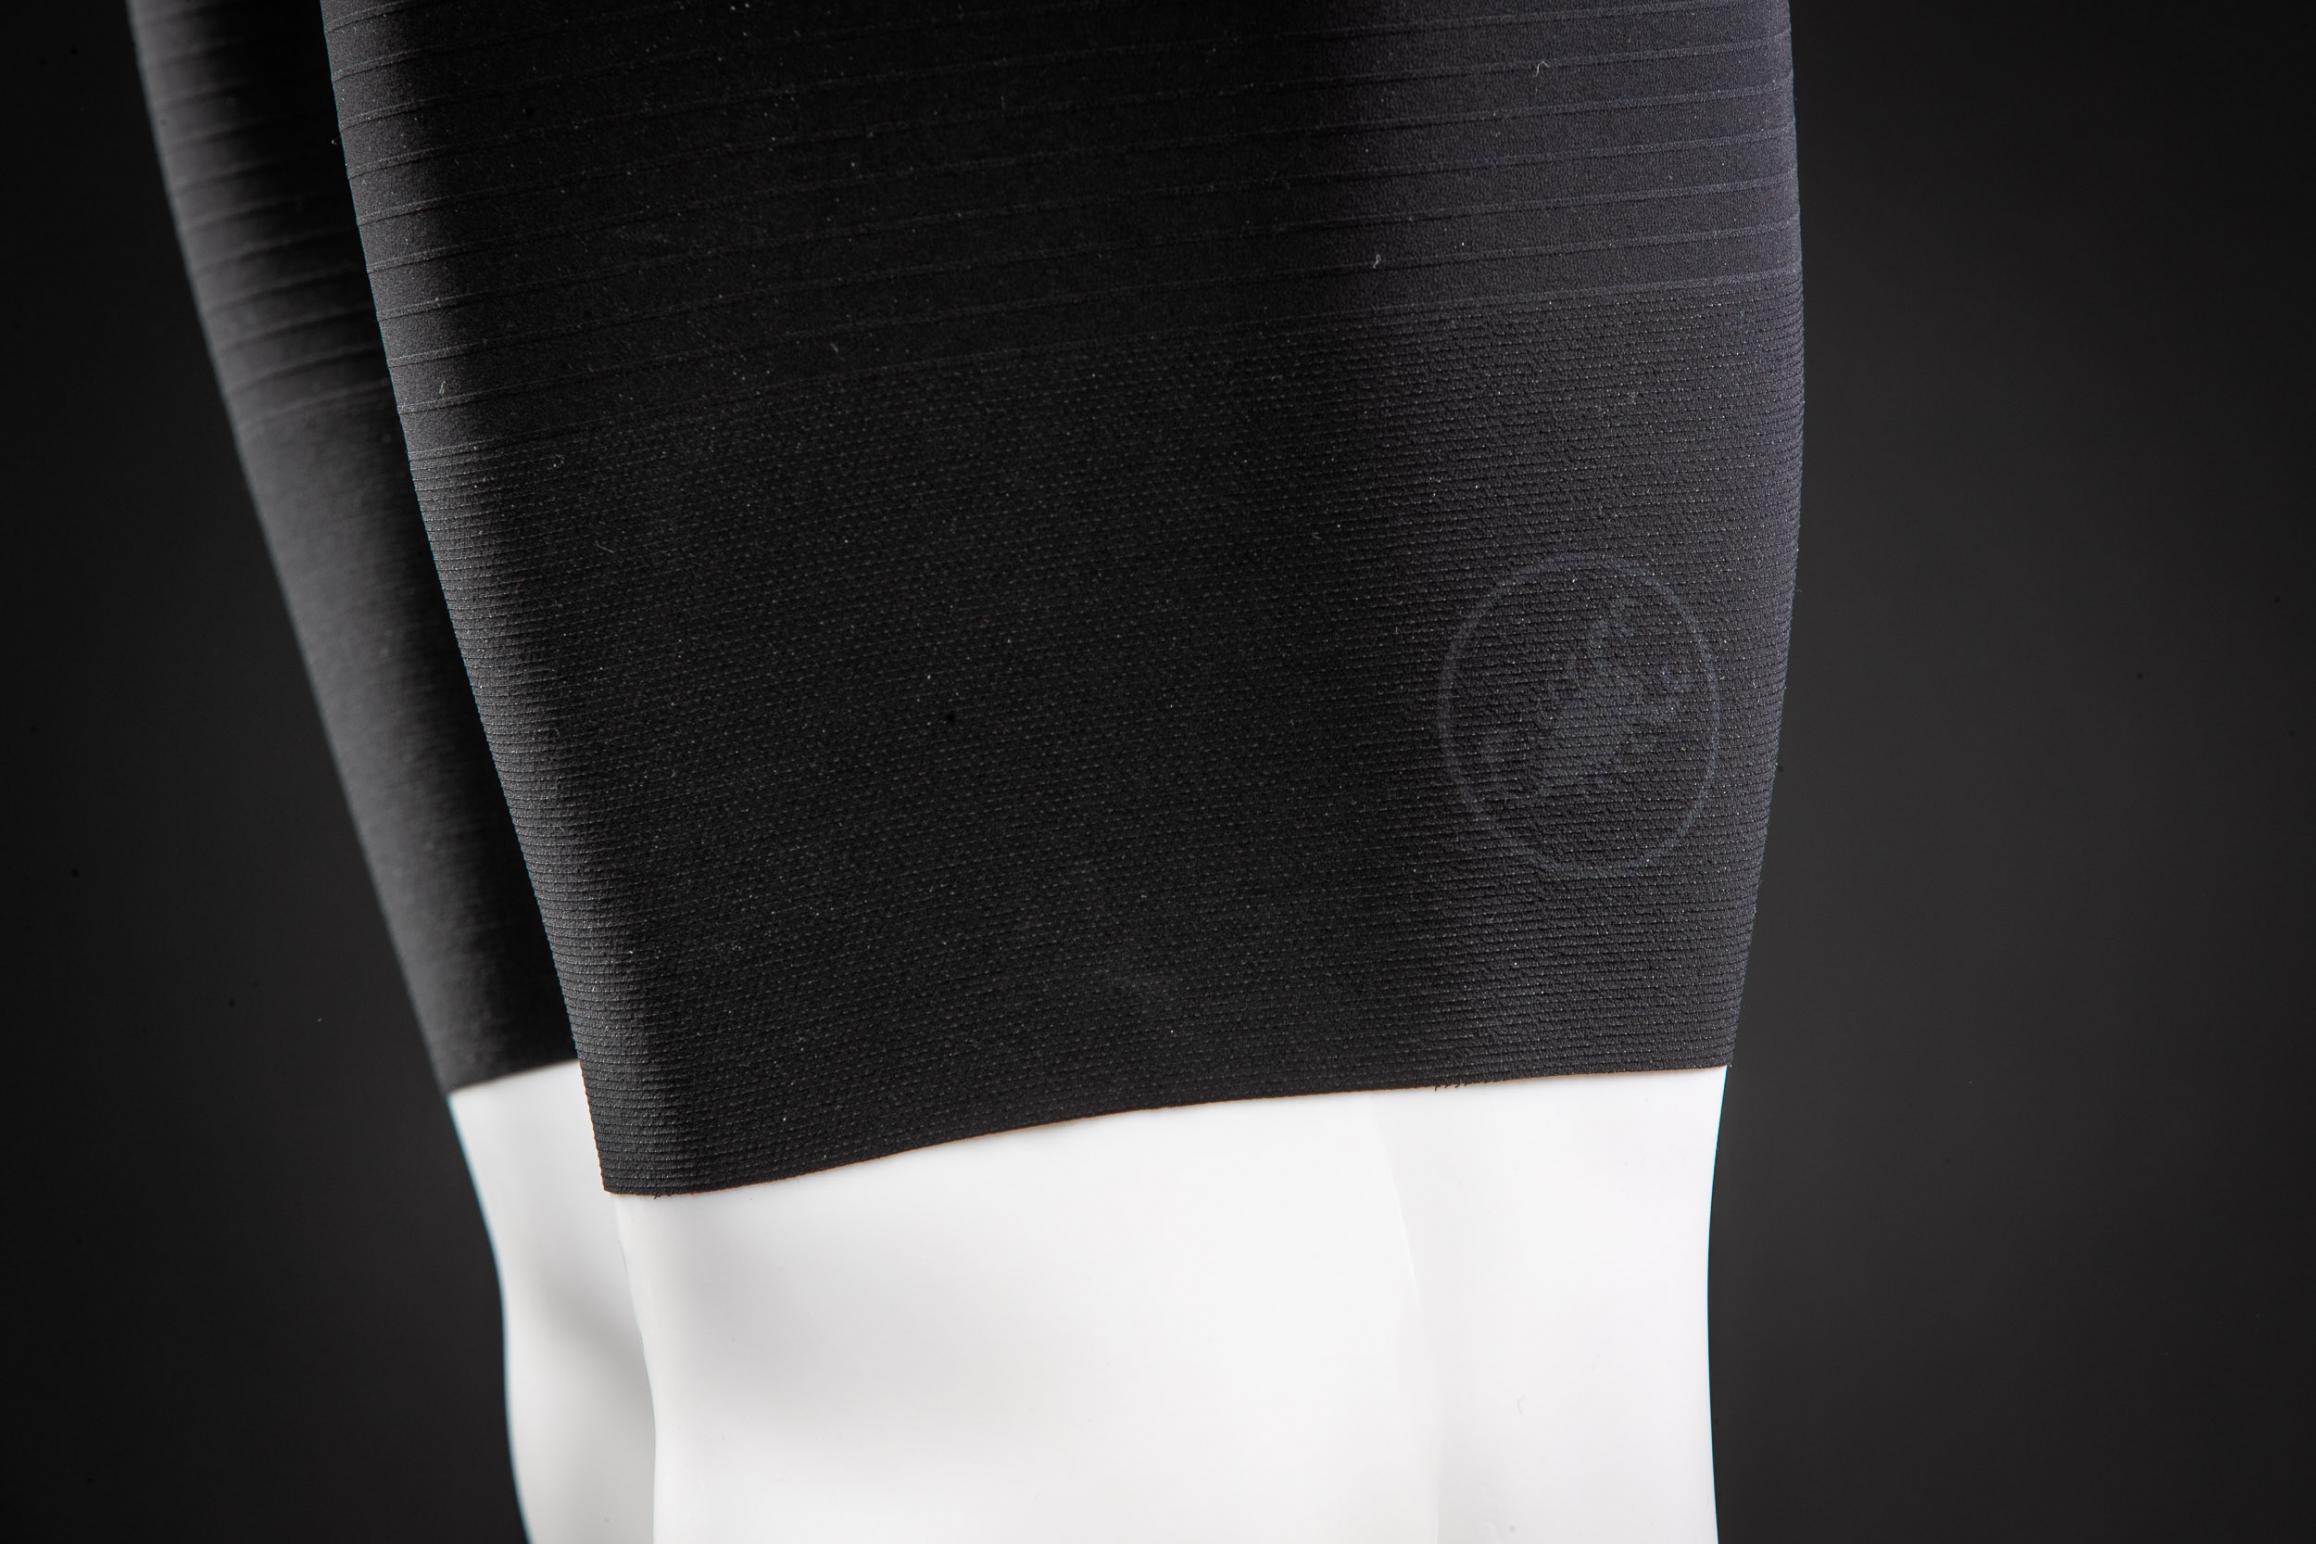 #4 Gelaserte Logos: Damit die Logos über die gesamte Lebensdauer der Bibs hinweg makellos aussehen, wurden die Skorpion-Logos hinten an den Beinen und das Rosso Corsa-Logo am Gesäß in den Stoff gelasert.